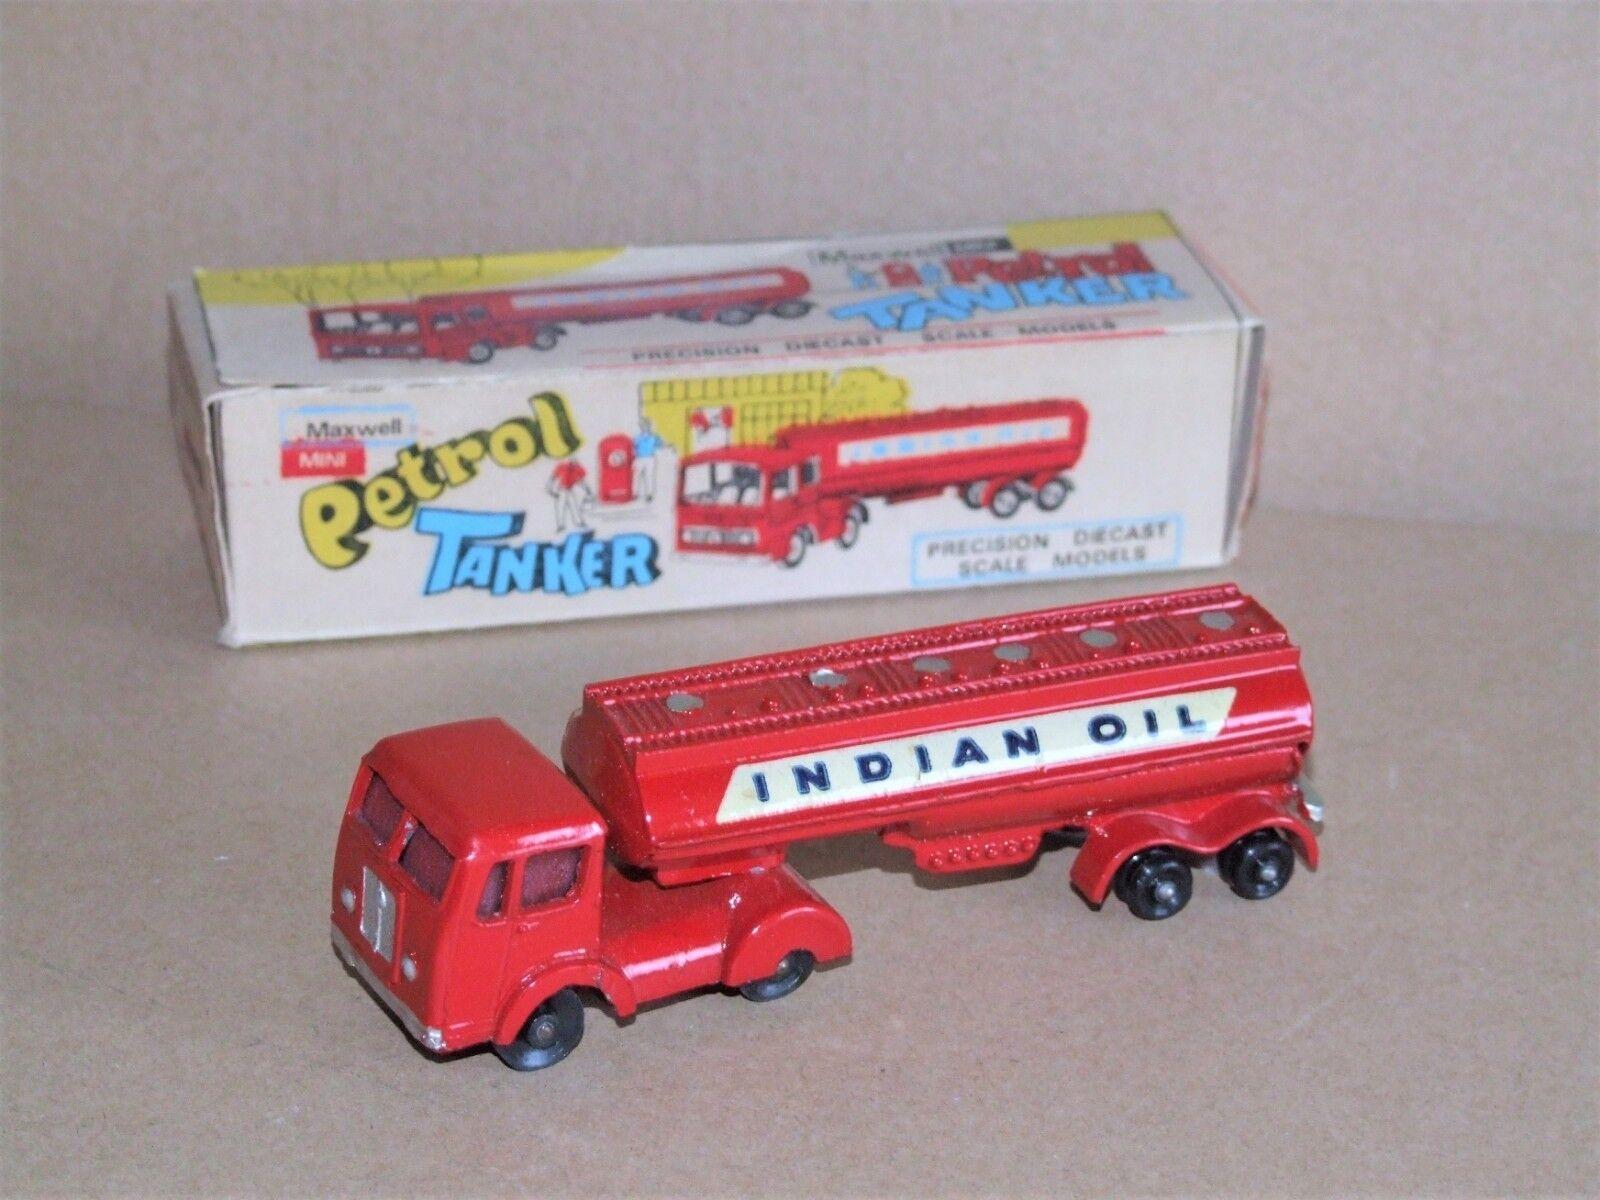 Milton Mini (India) 593 Petrol Tanker INDIAN OIL - Rare Budgie Toys Copy